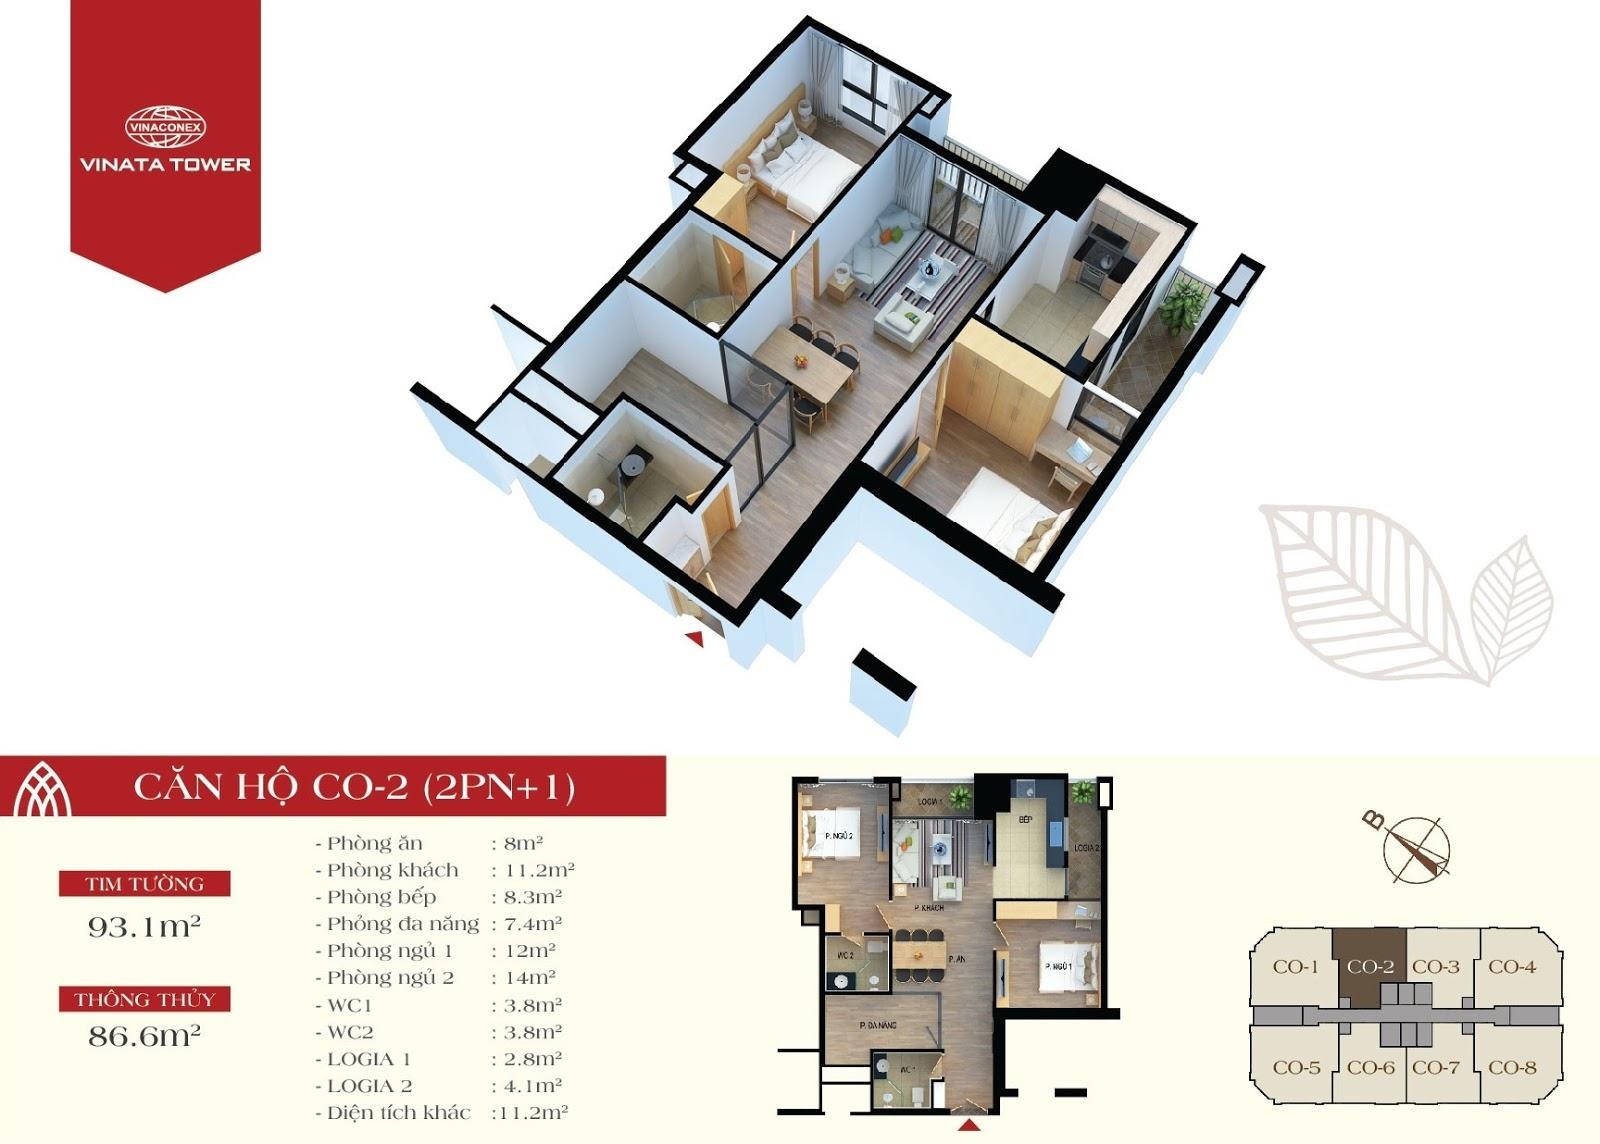 thiết kế vinata tower căn hộ CO2